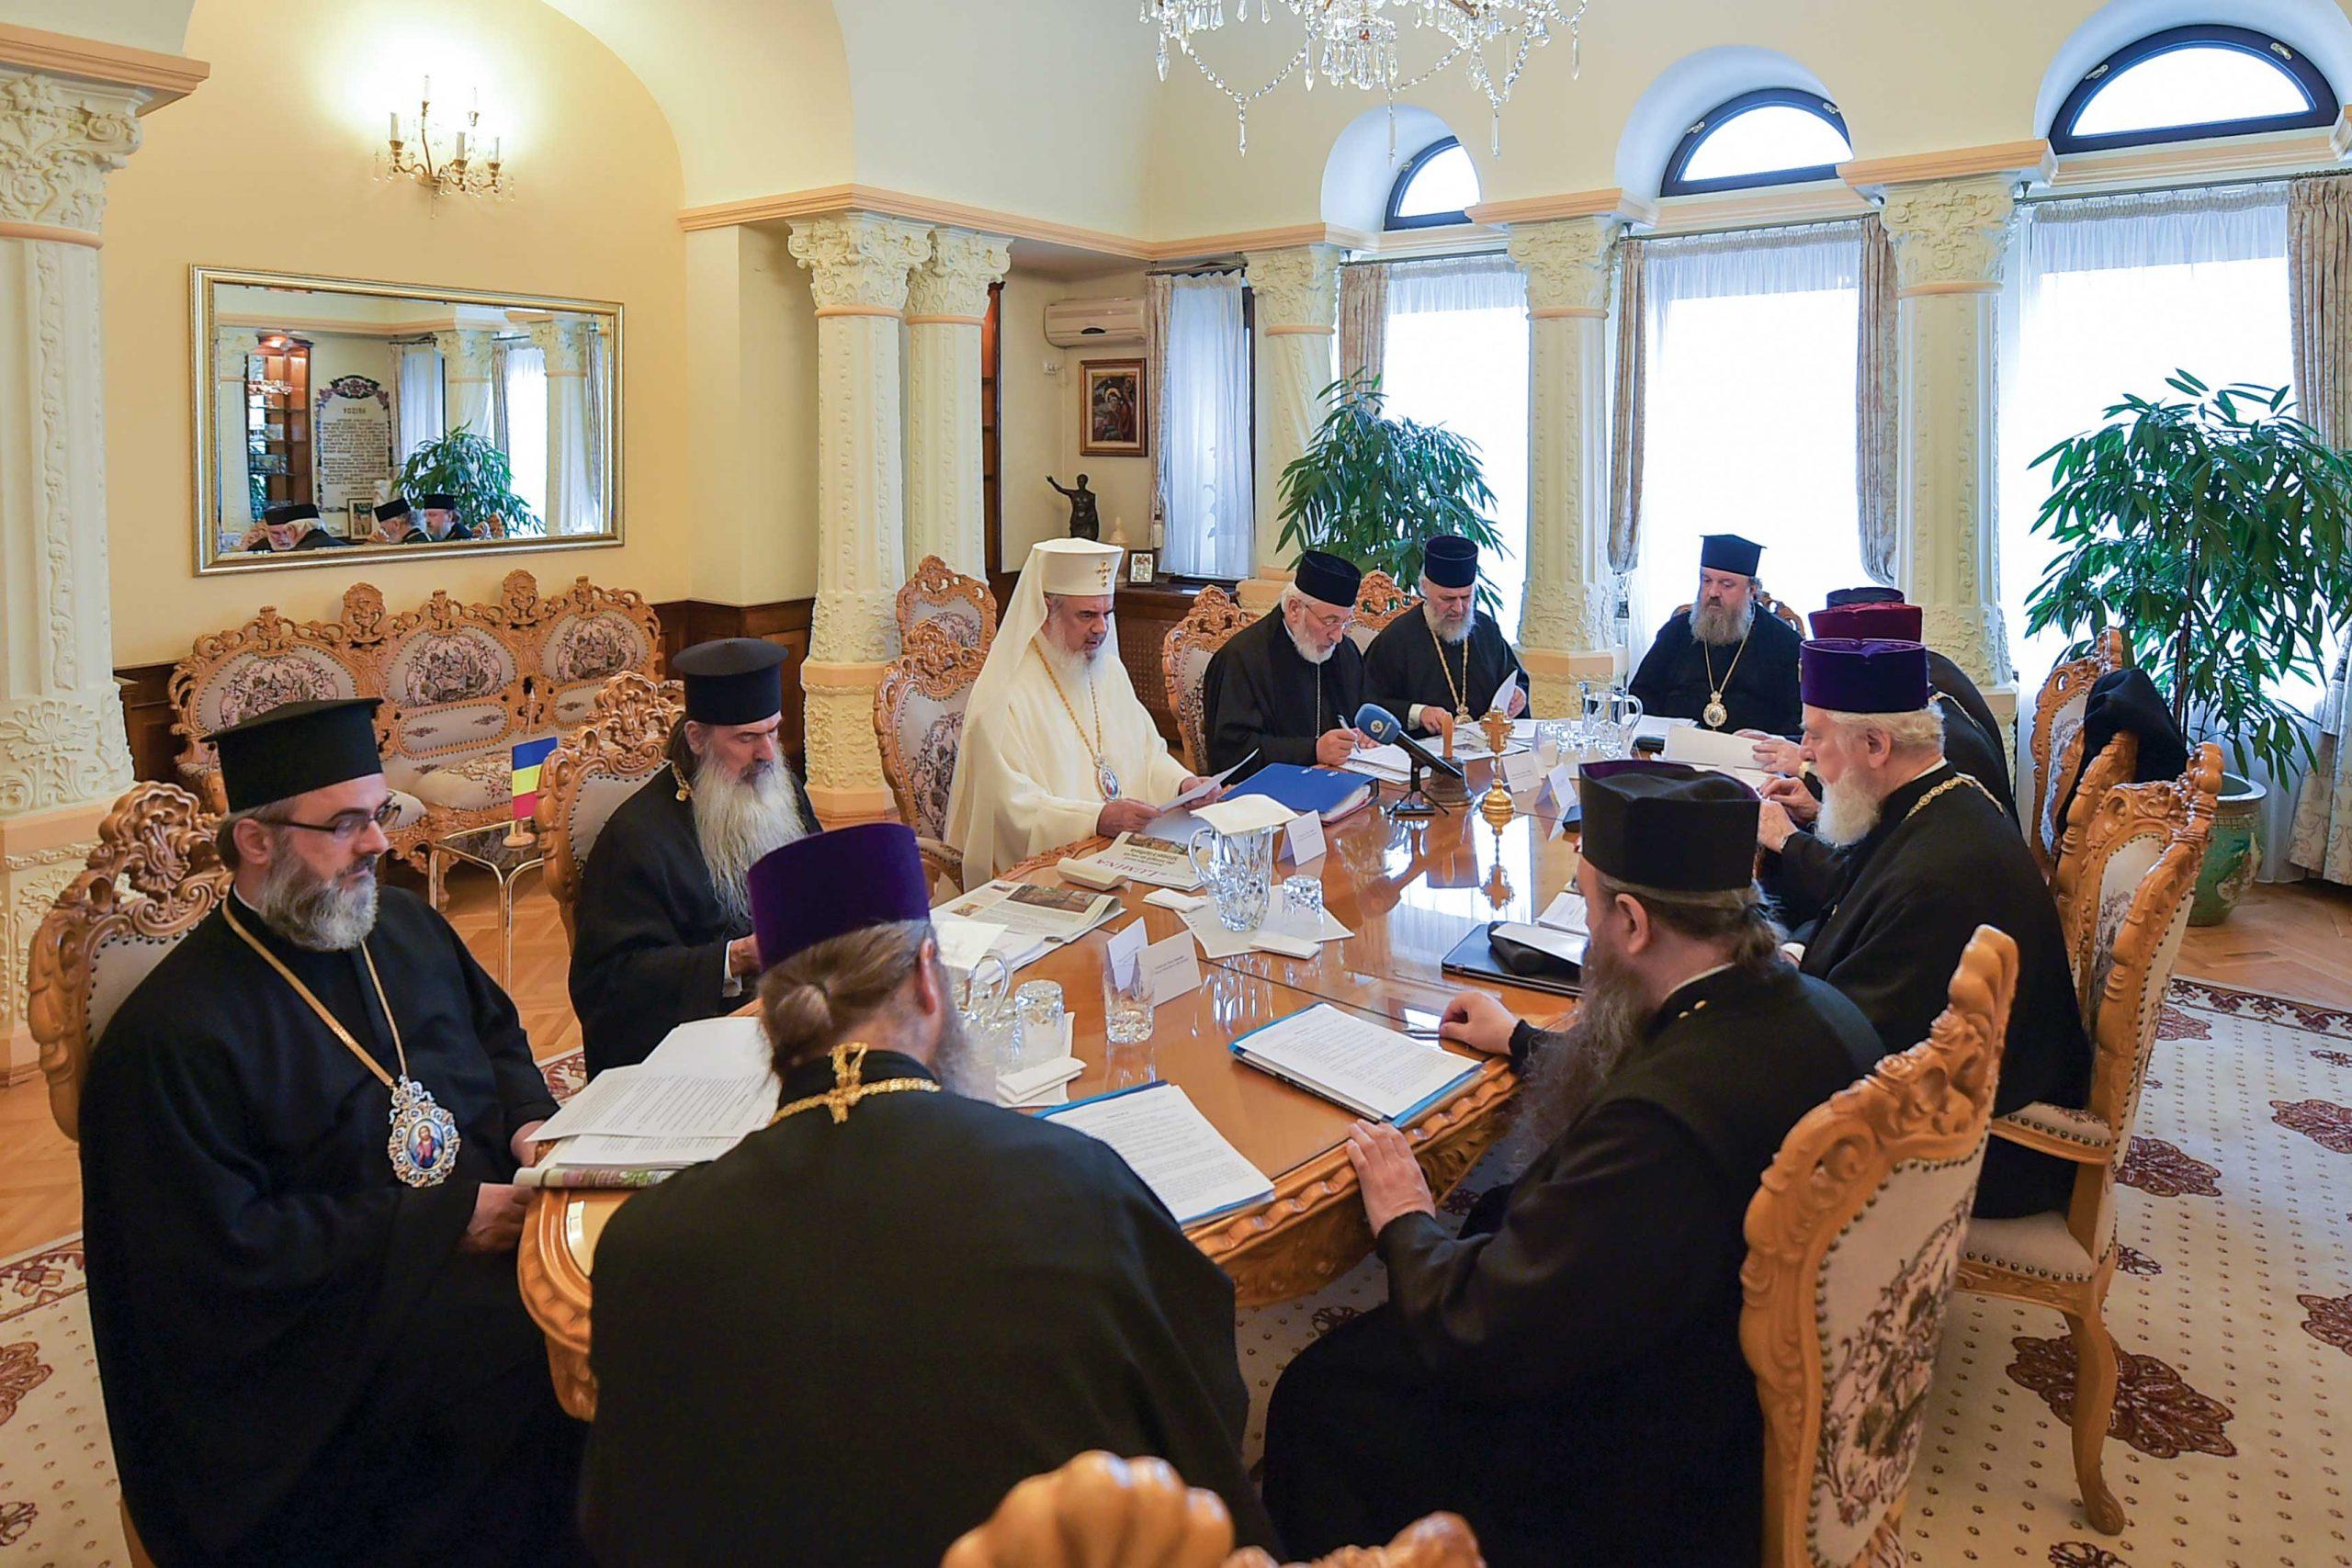 Întrunirea Sinodului Mitropoliei Munteniei și Dobrogei la Patriarhie